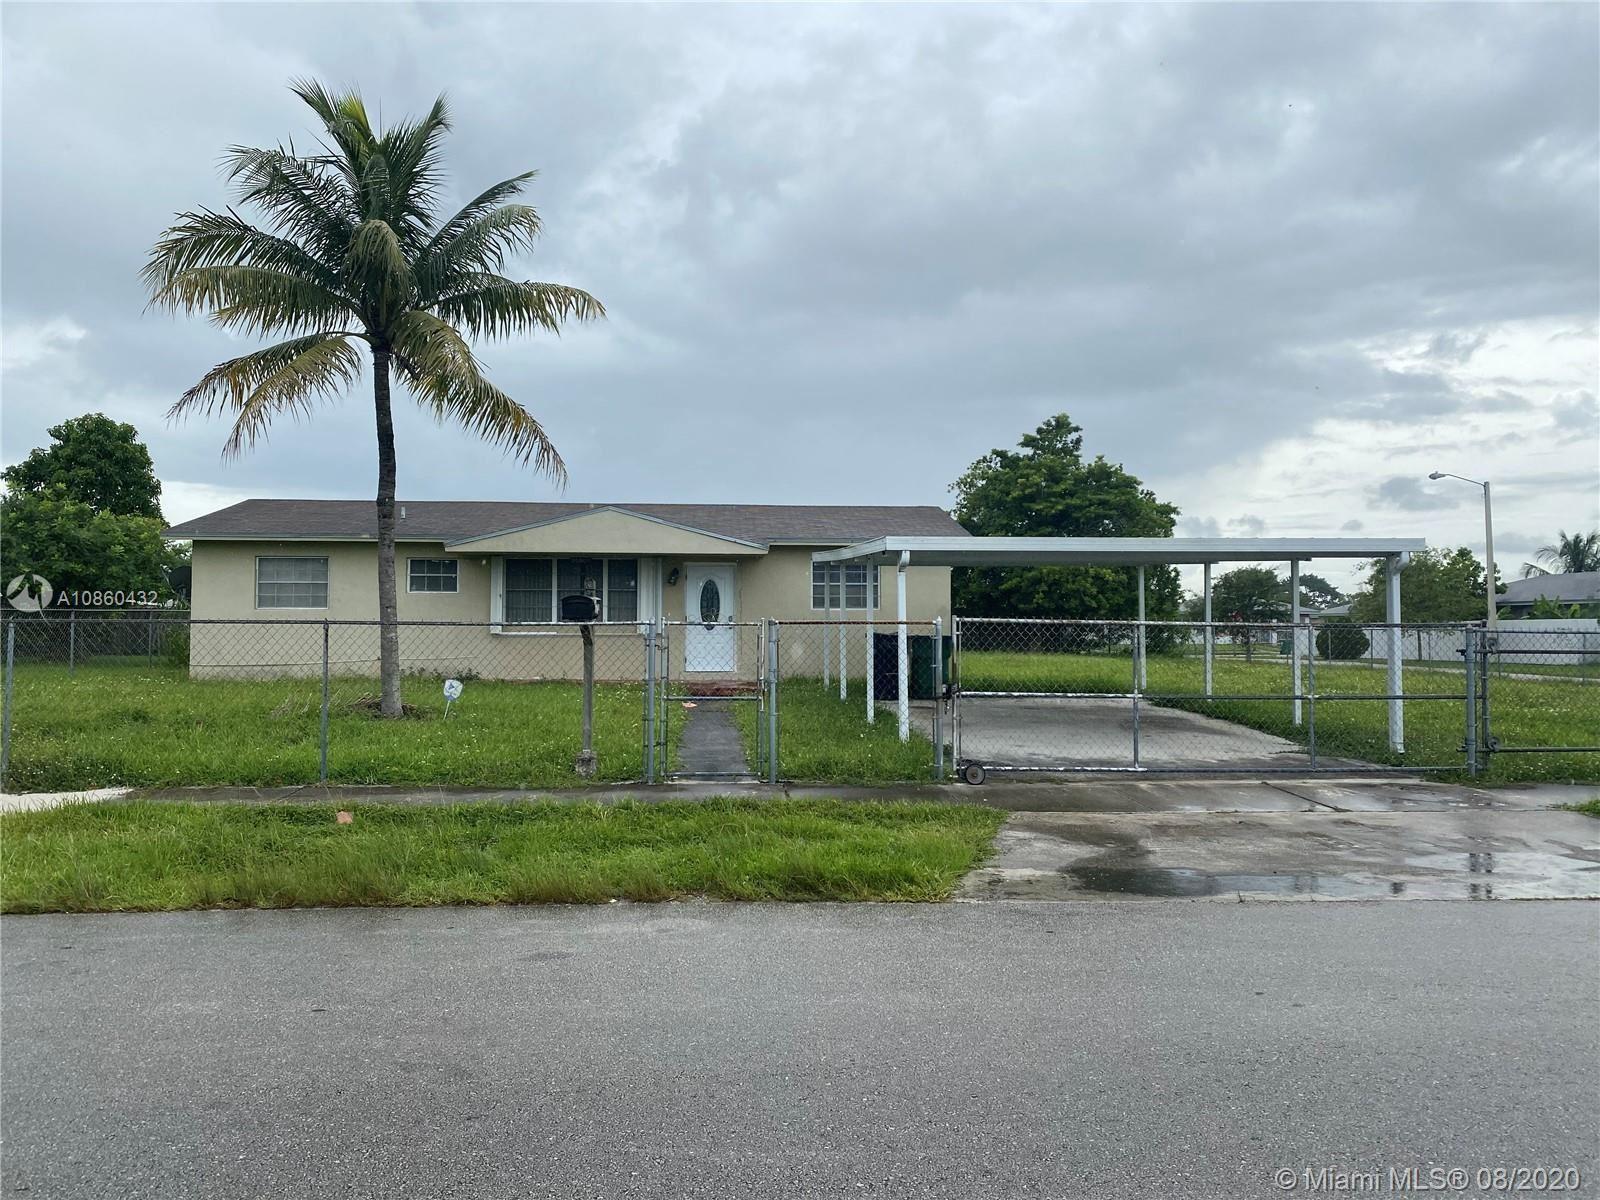 20500 SW 118th Pl, Miami, FL 33177 - #: A10860432